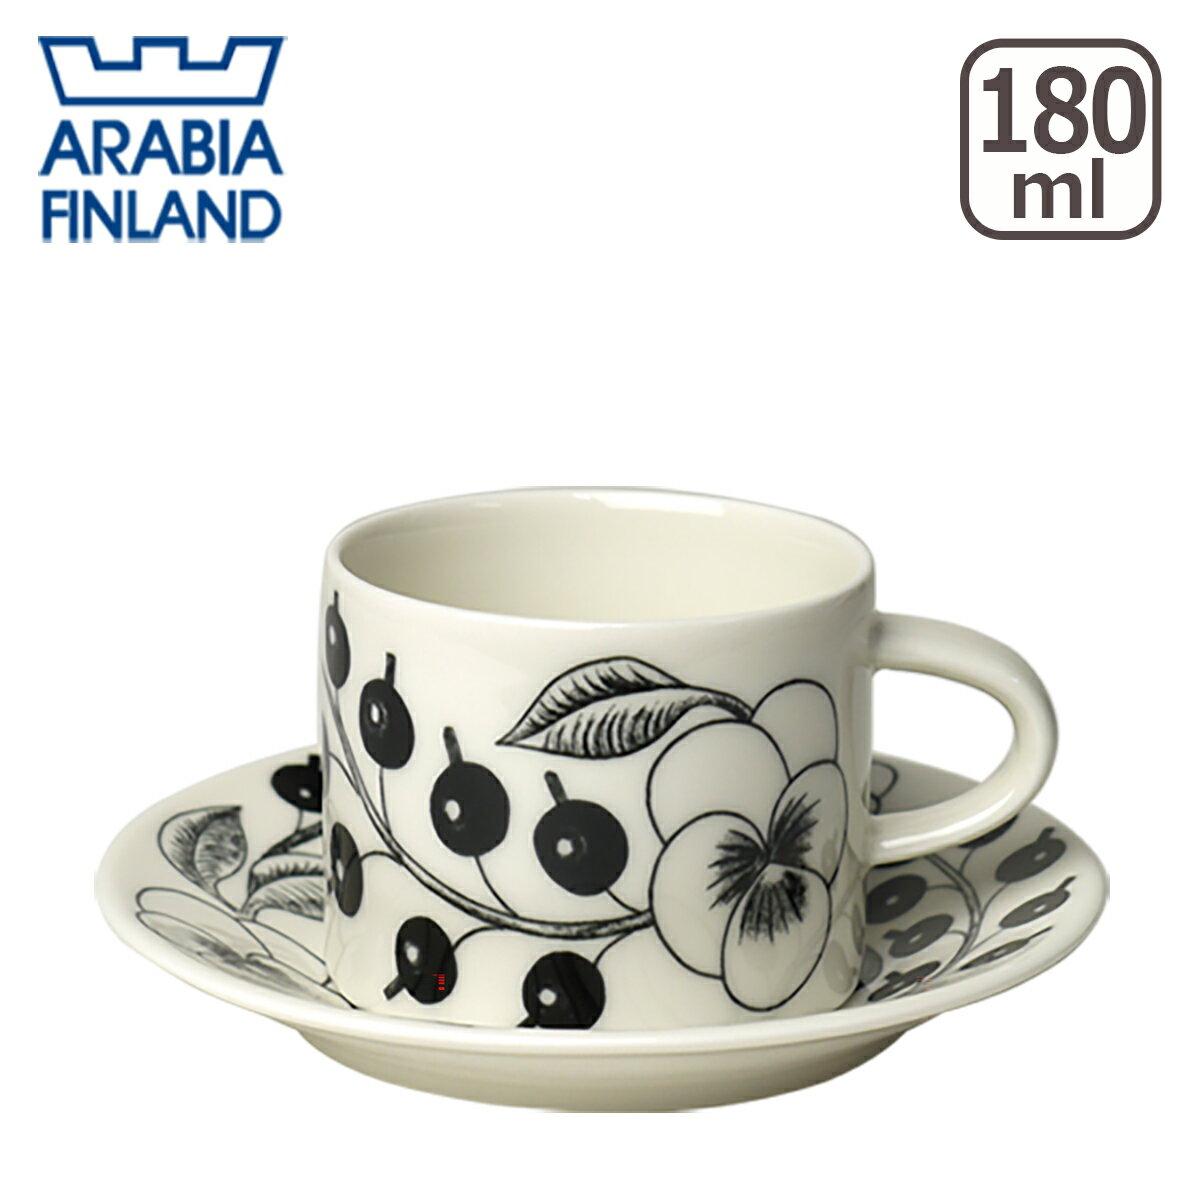 アラビア(Arabia) ブラックパラティッシ(ブラック パラティッシ) コーヒーカップ&ソーサー セット(Paratiisi)北欧 フィンランド 食器 Arabia(アラビア/ブラックパラティッシ/食器洗い機 対応) 箱購入でギフト・のし可 GF3